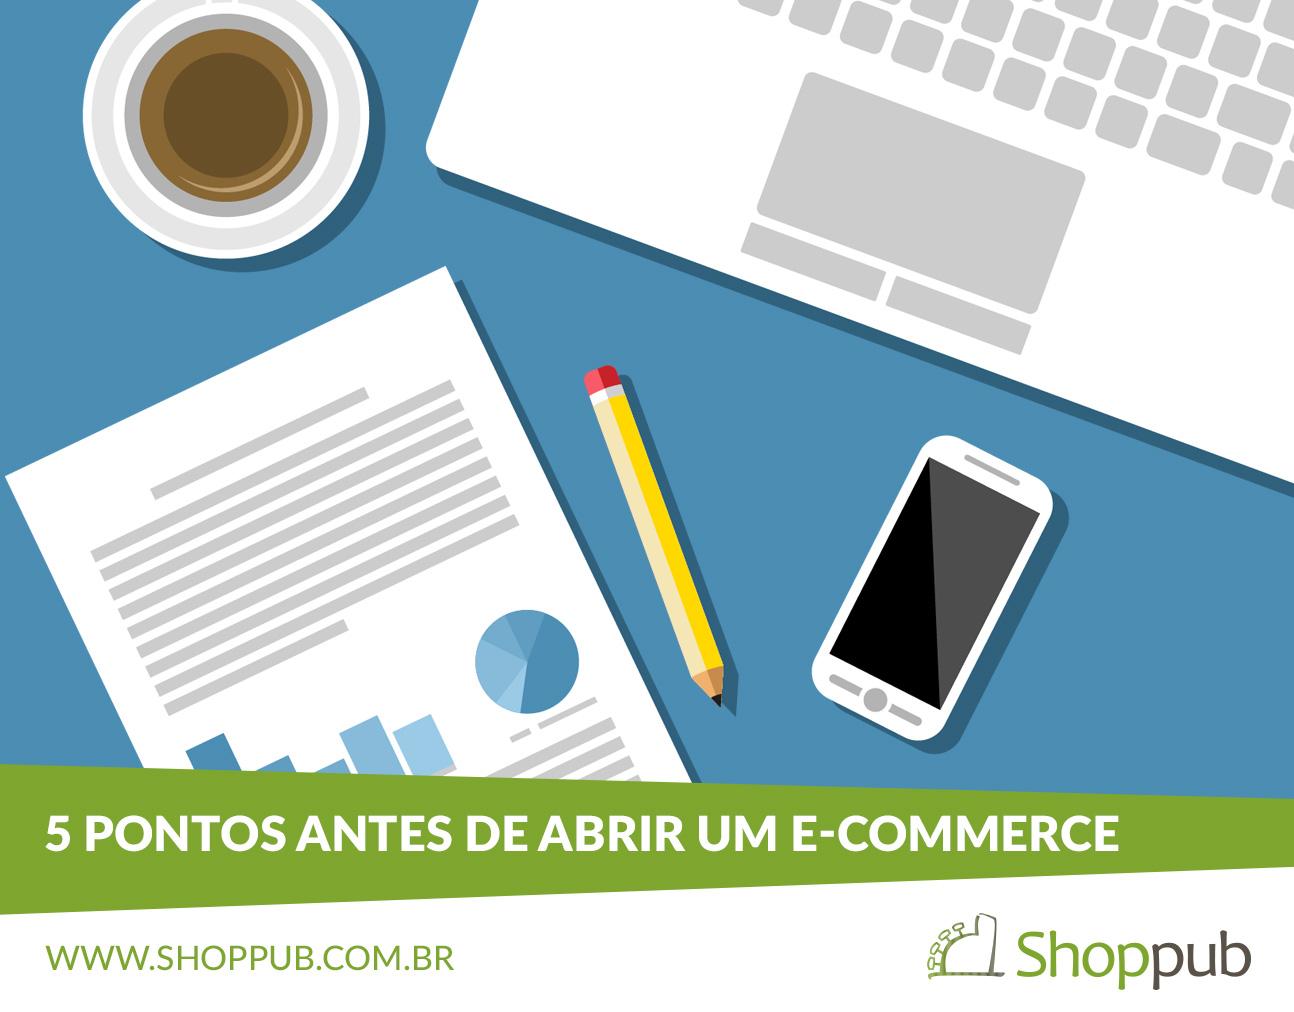 5 pontos antes de abrir um e-commerce